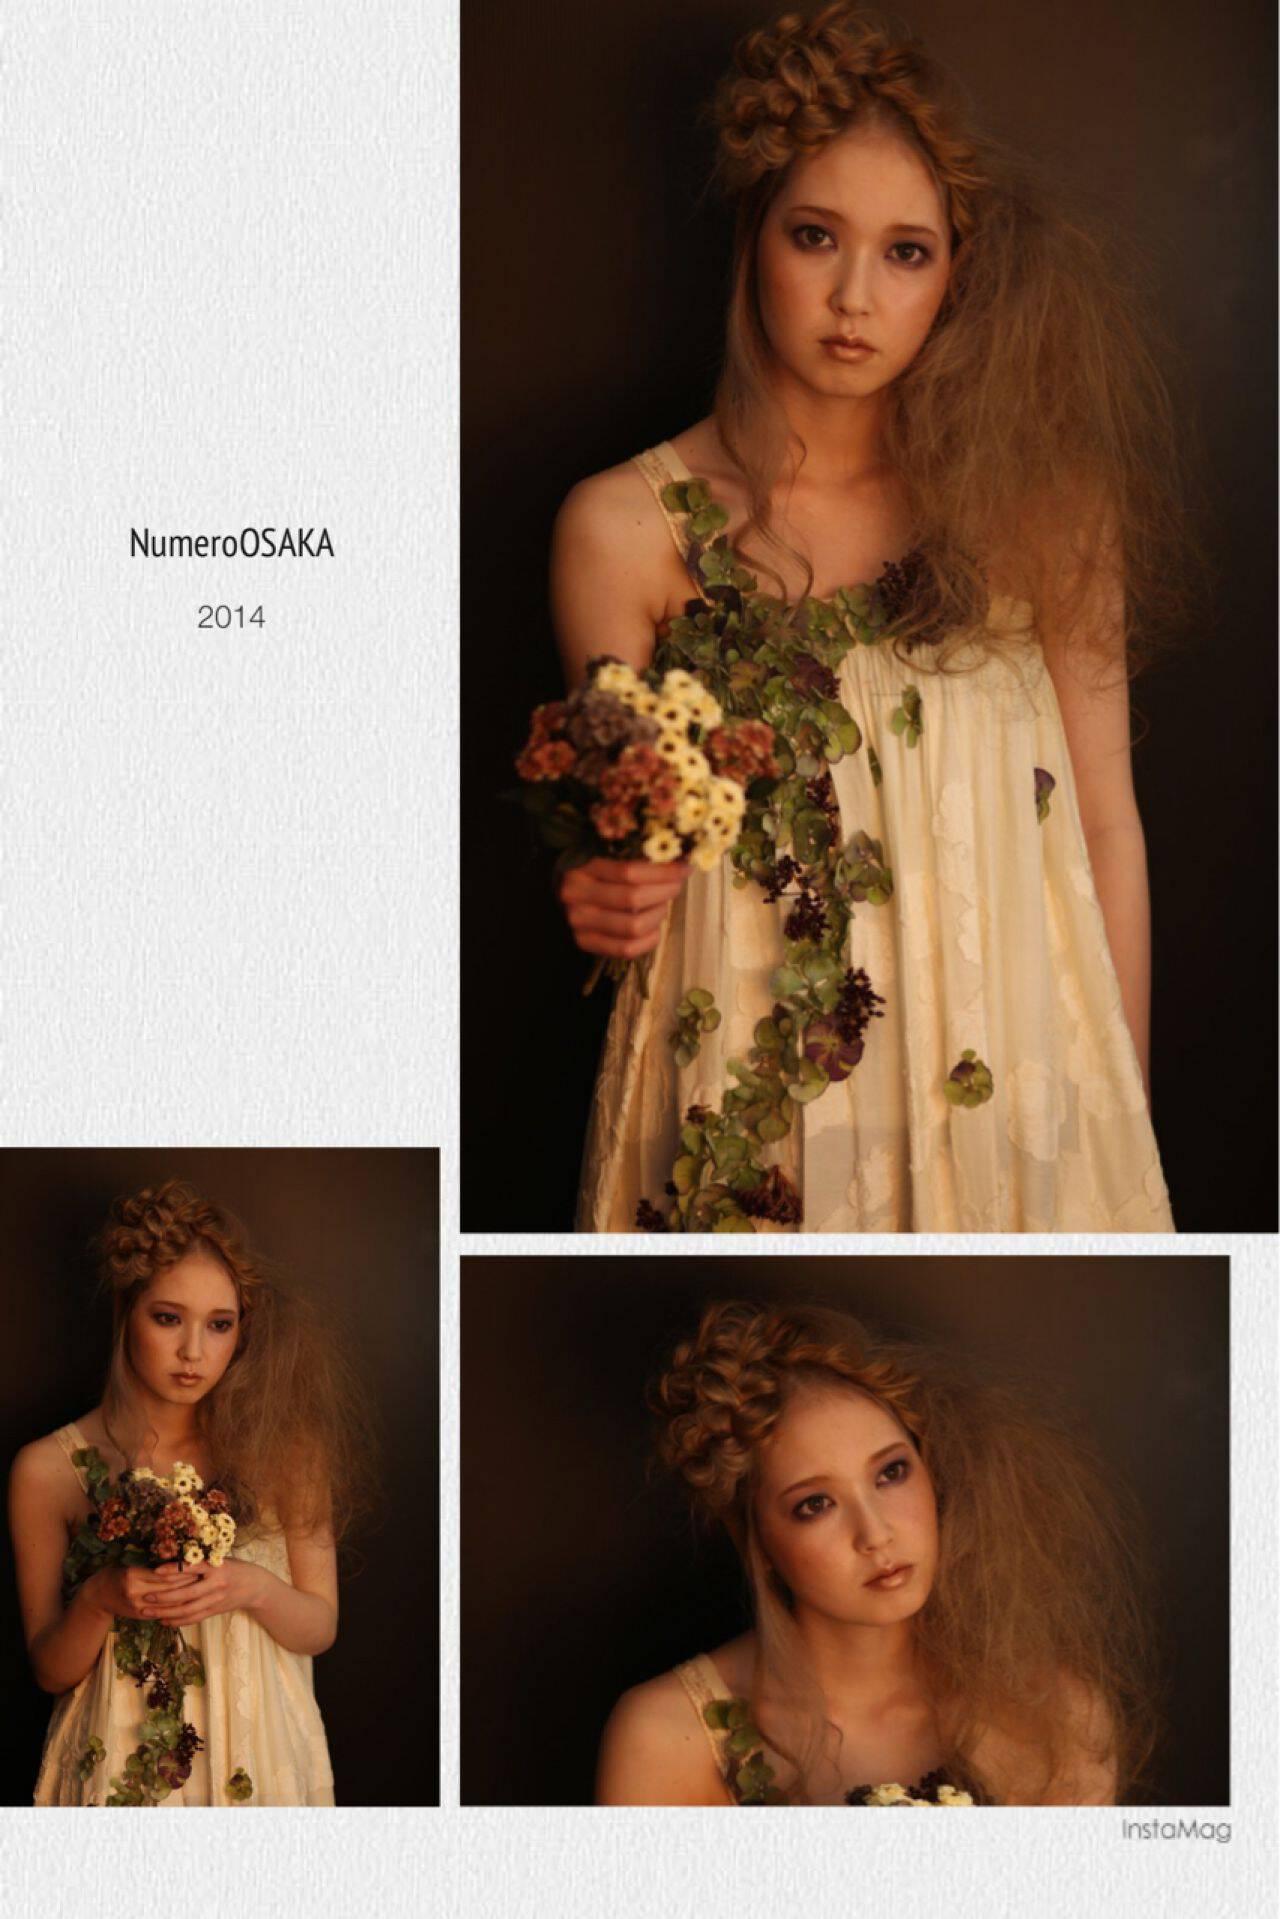 三つ編み ナチュラル ロング ヘアアレンジヘアスタイルや髪型の写真・画像